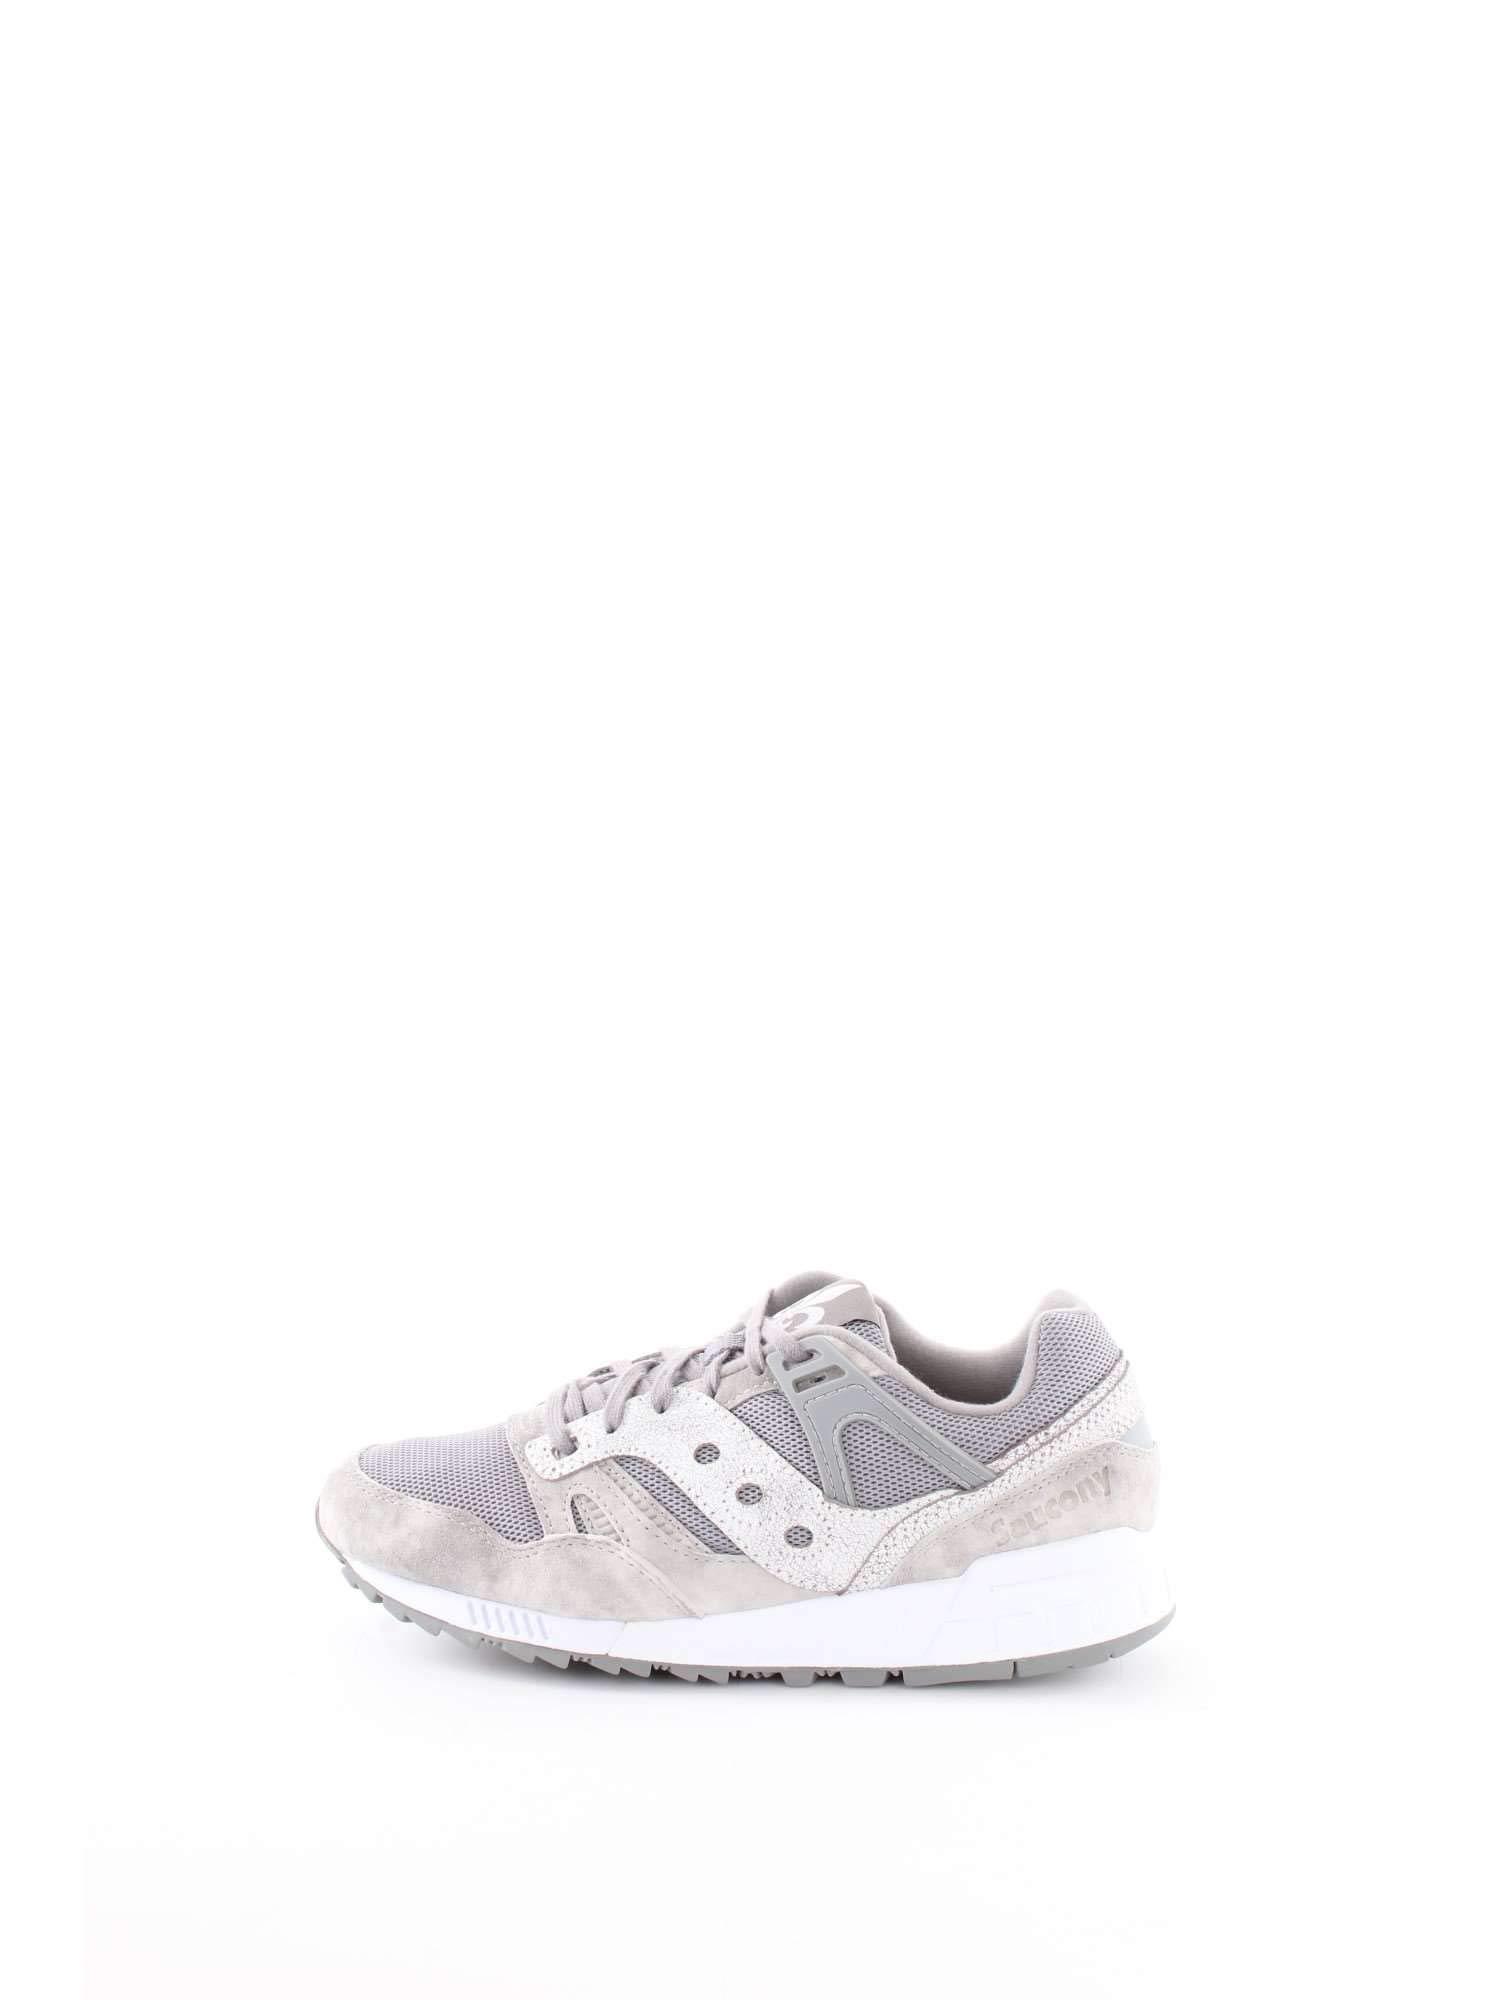 Saucony Sneaker Tessuto Tecnico e Camoscio con para in Gomma Bicolore e Logo Laterale 1 spesavip